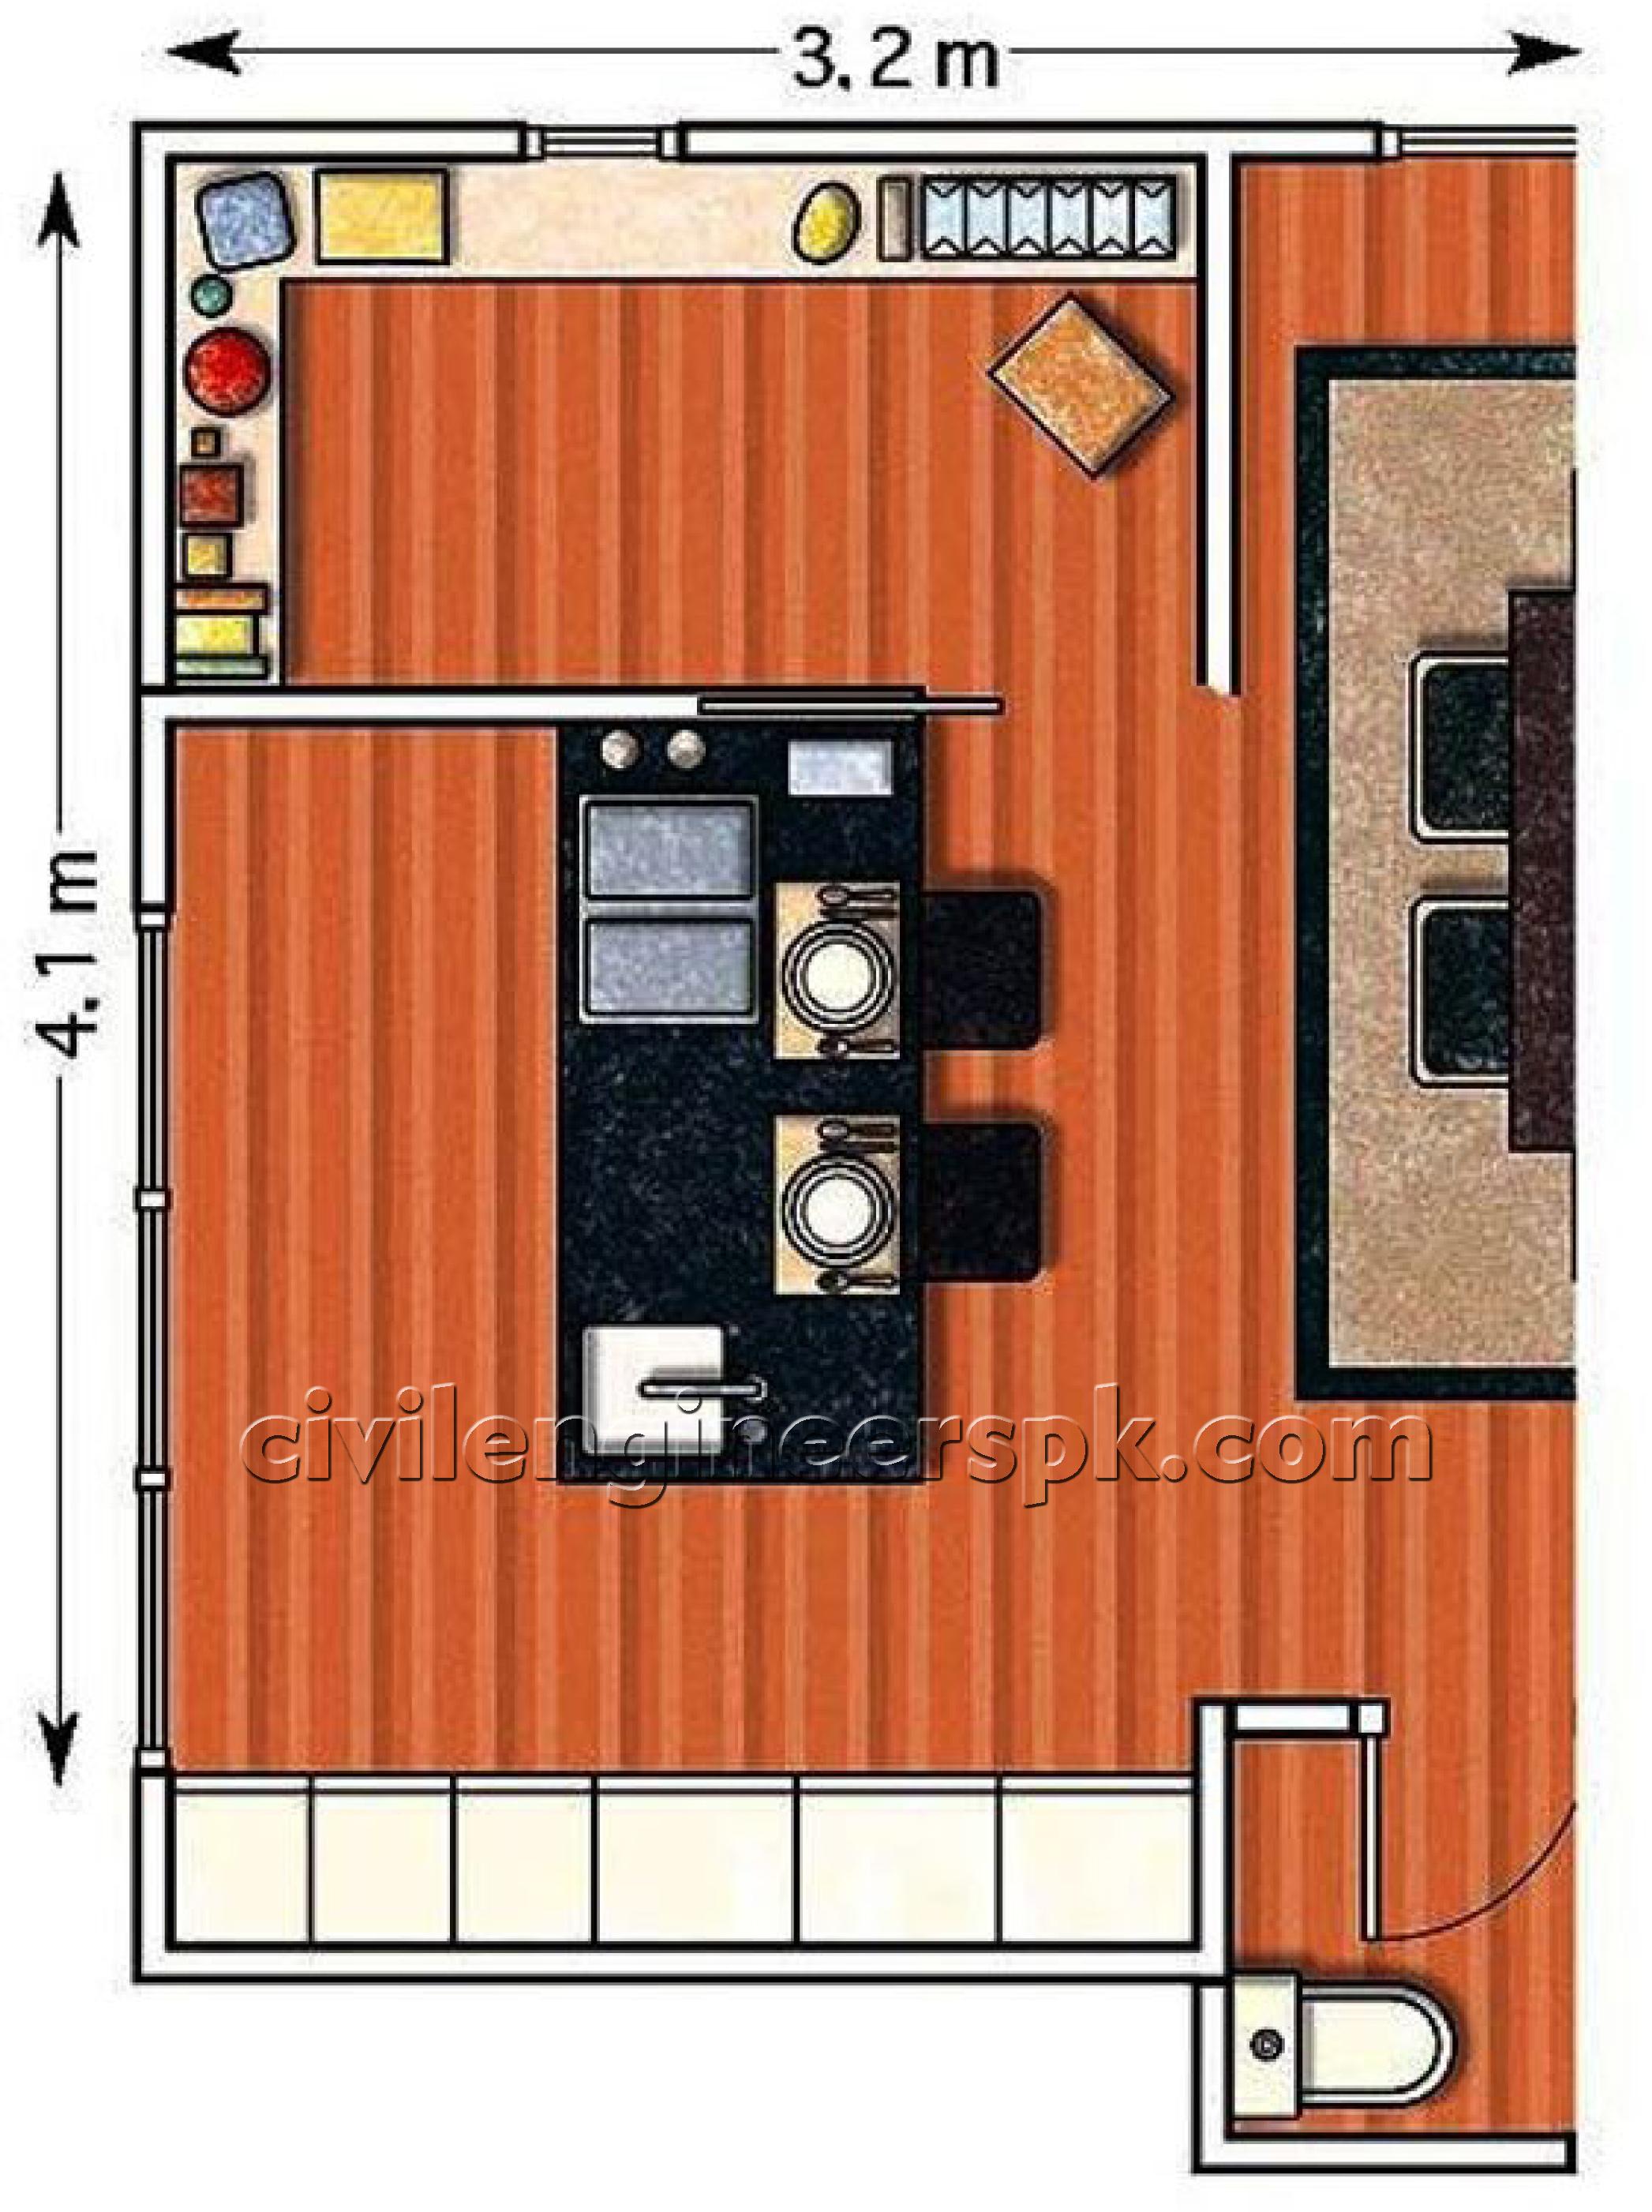 Kitchen design 9 civil engineers pk for Civil kitchen designs